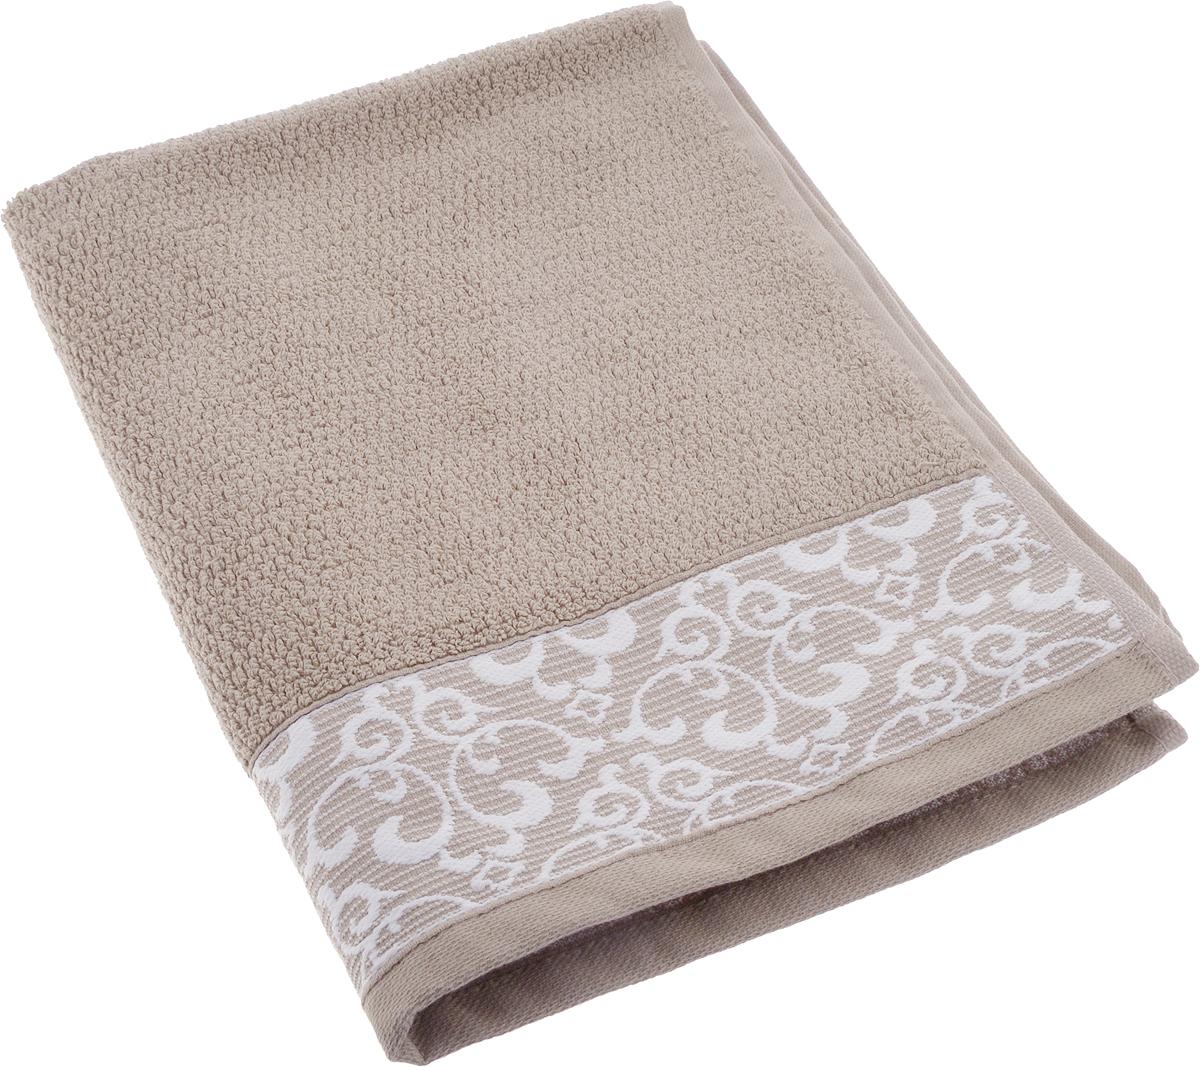 Полотенце махровое Issimo Home Verda, цвет: коричневый, 50 х 90 см00000005478Прекрасное полотенце Issimo Home Verda выполнено из натуральной махровой ткани (100% хлопок). Изделие отлично впитывает влагу, быстро сохнет и не теряет форму даже после многократных стирок.Рекомендации по уходу:- режим стирки при 40°C,- допускается обычная химчистка,- отбеливание запрещено,- глажка при температуре подошвы утюга до 110°С,- барабанный отжим запрещен.Размер полотенца: 50 x 90 см.